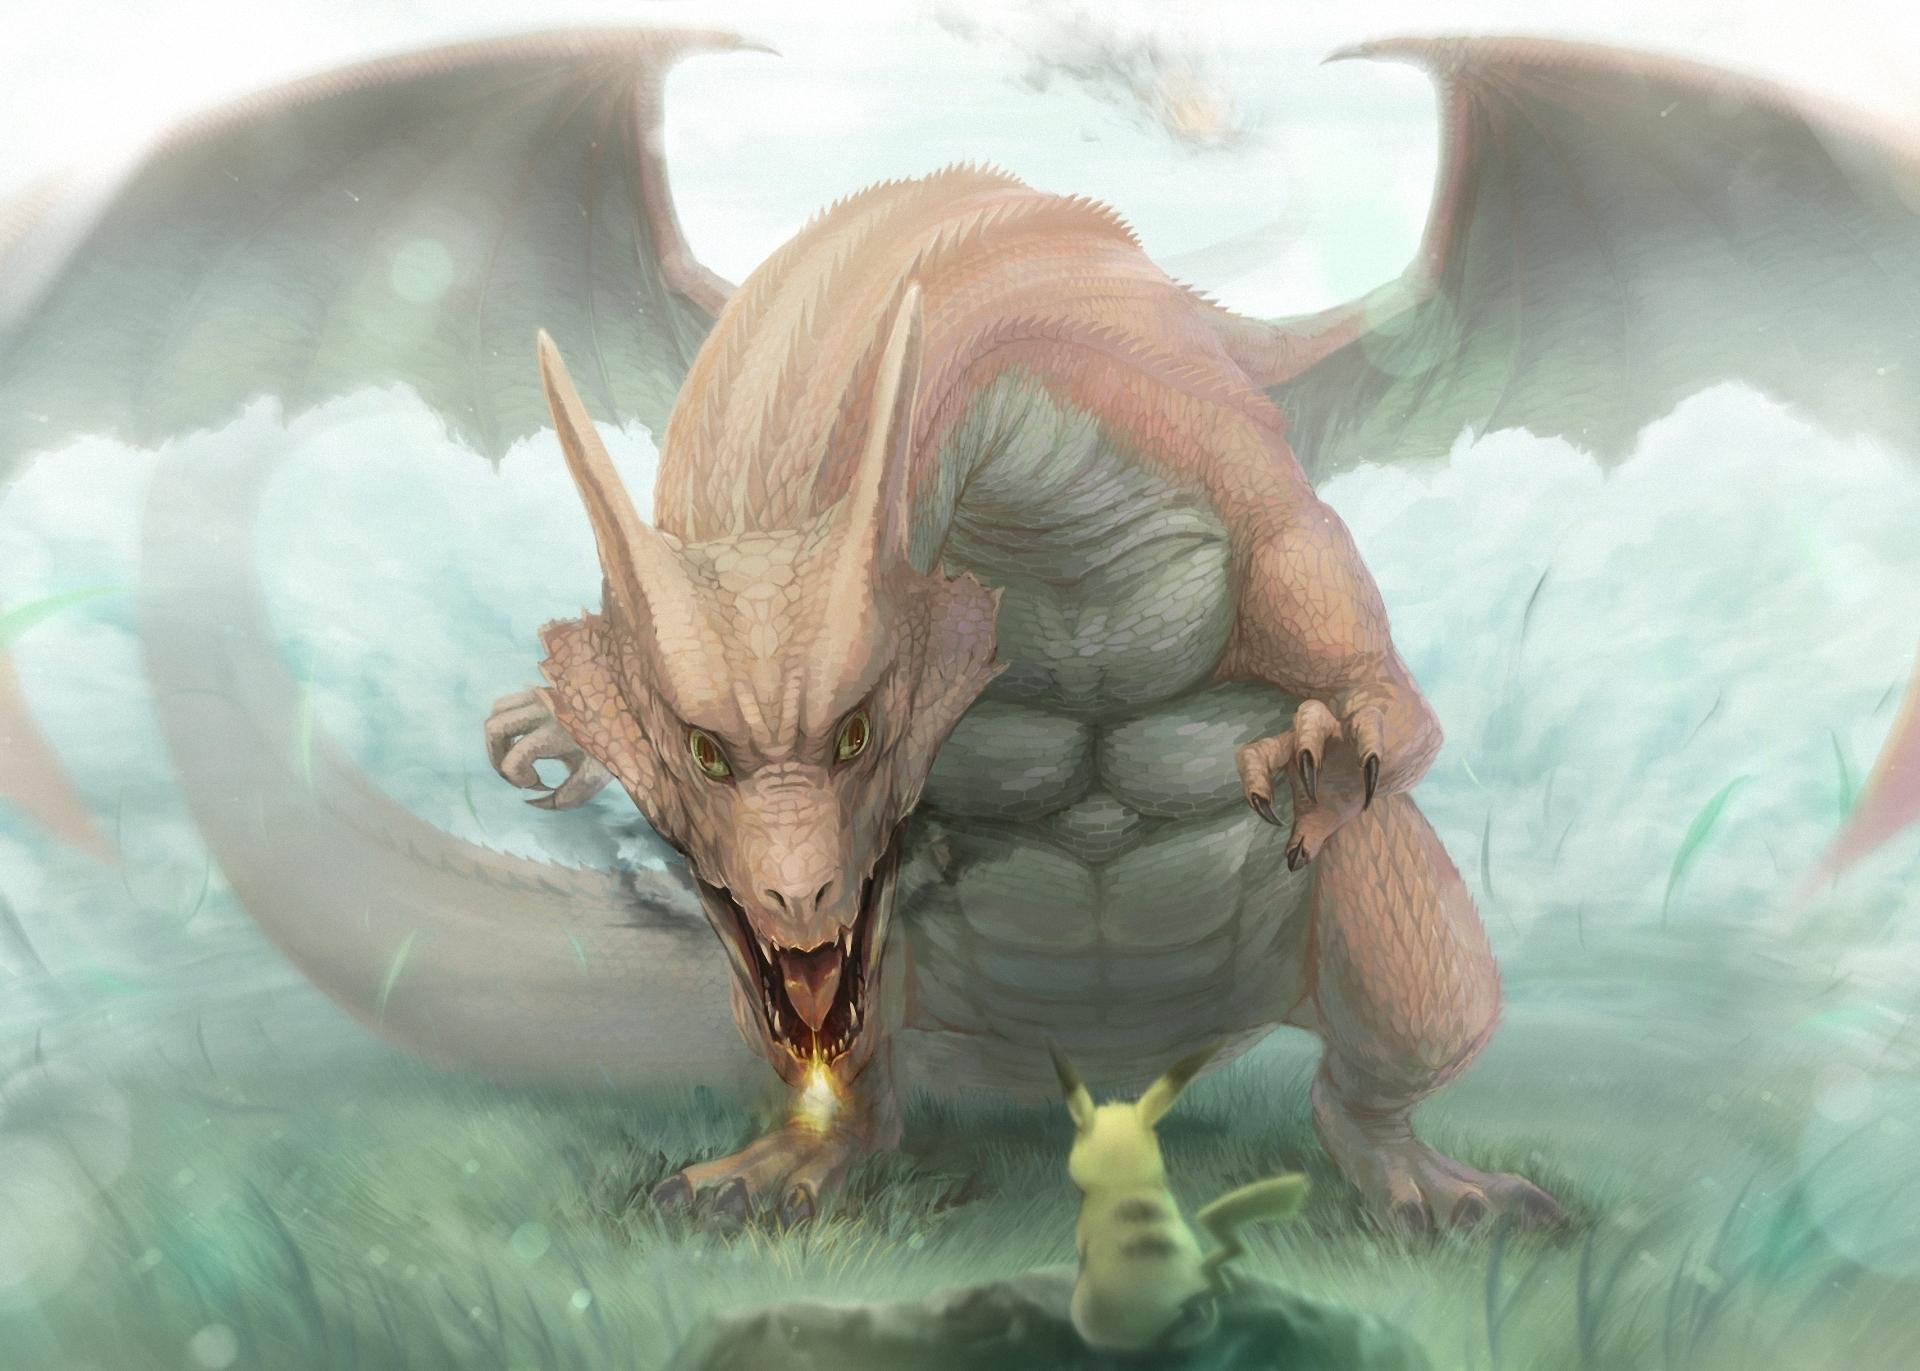 Drawn pikachu dragon Pokemon Pikachu Dragon Dragon Drawing